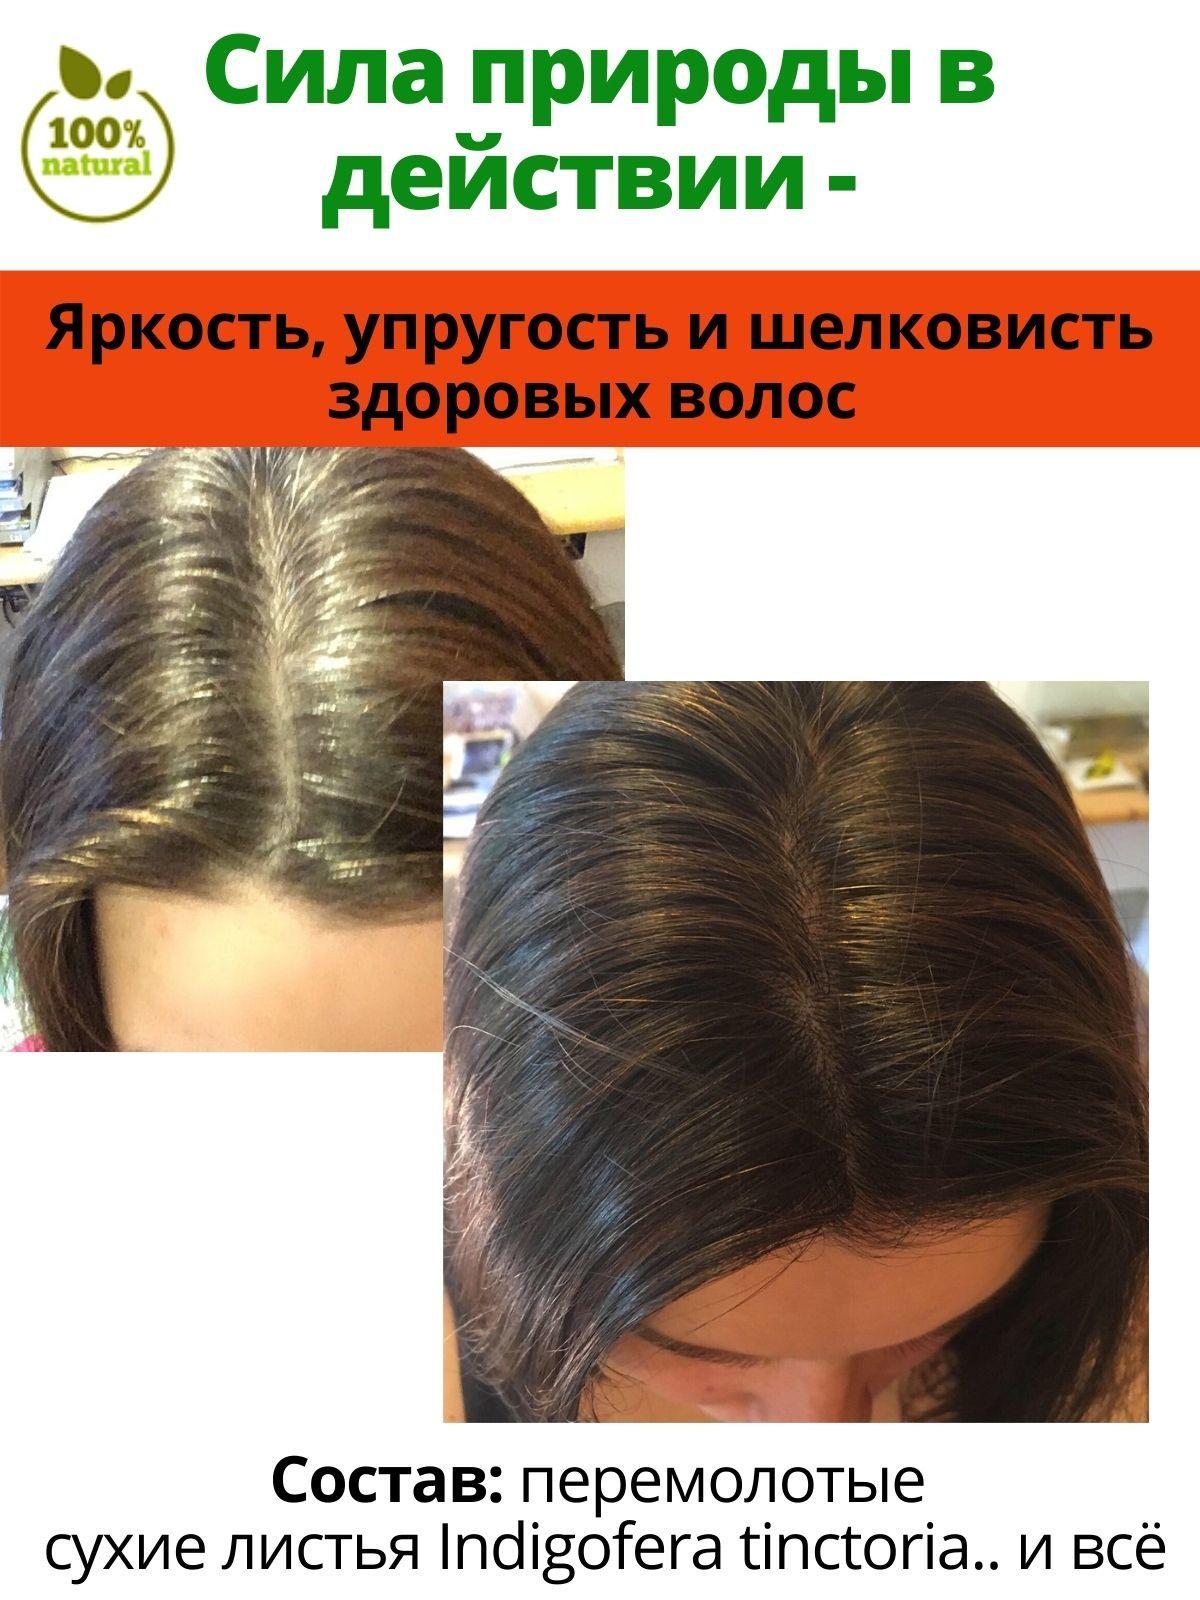 Басма - натуральная краска и оздоровление волос.